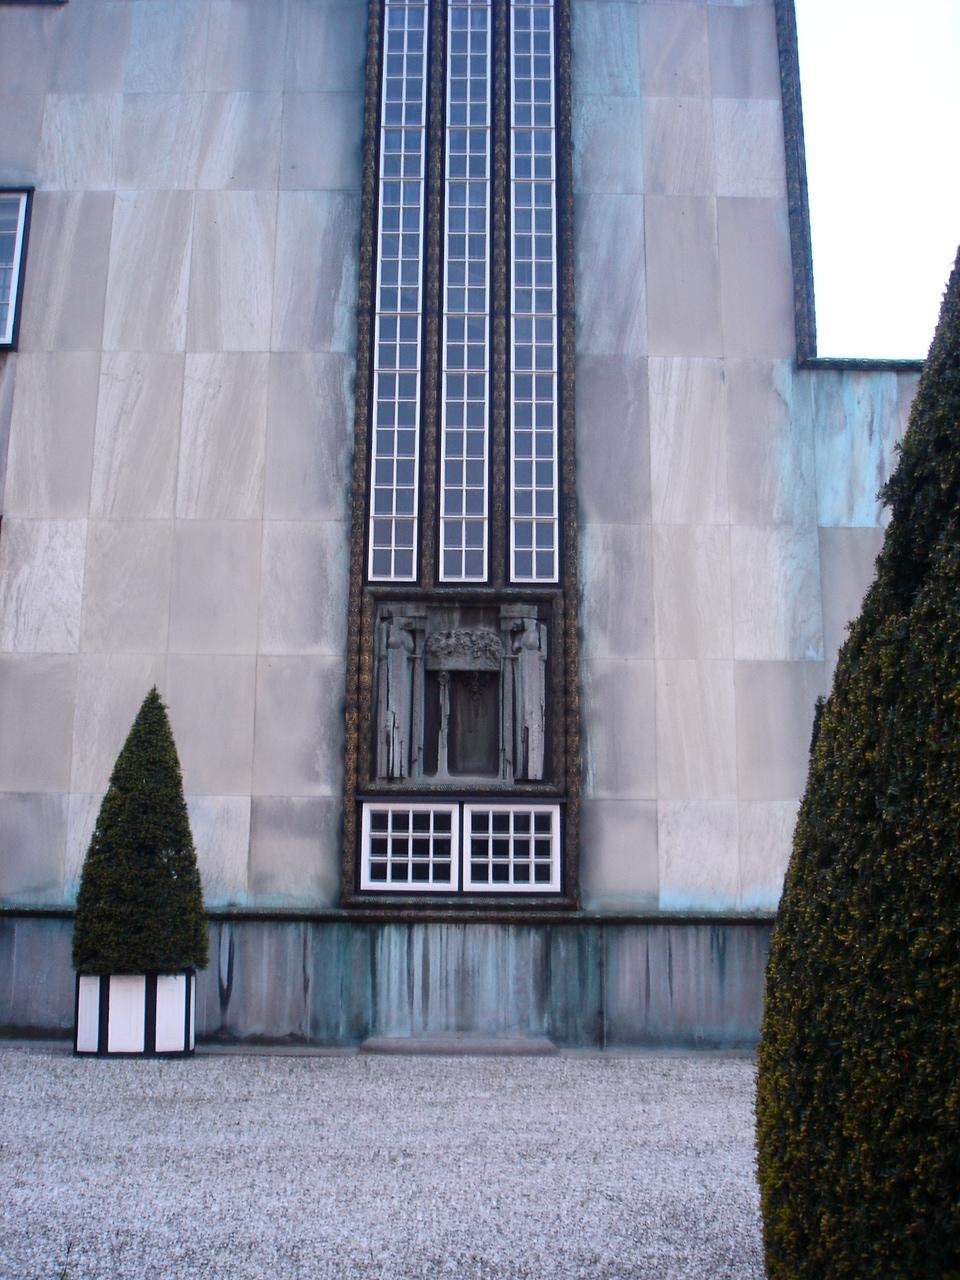 ストックレー邸の画像 p1_23